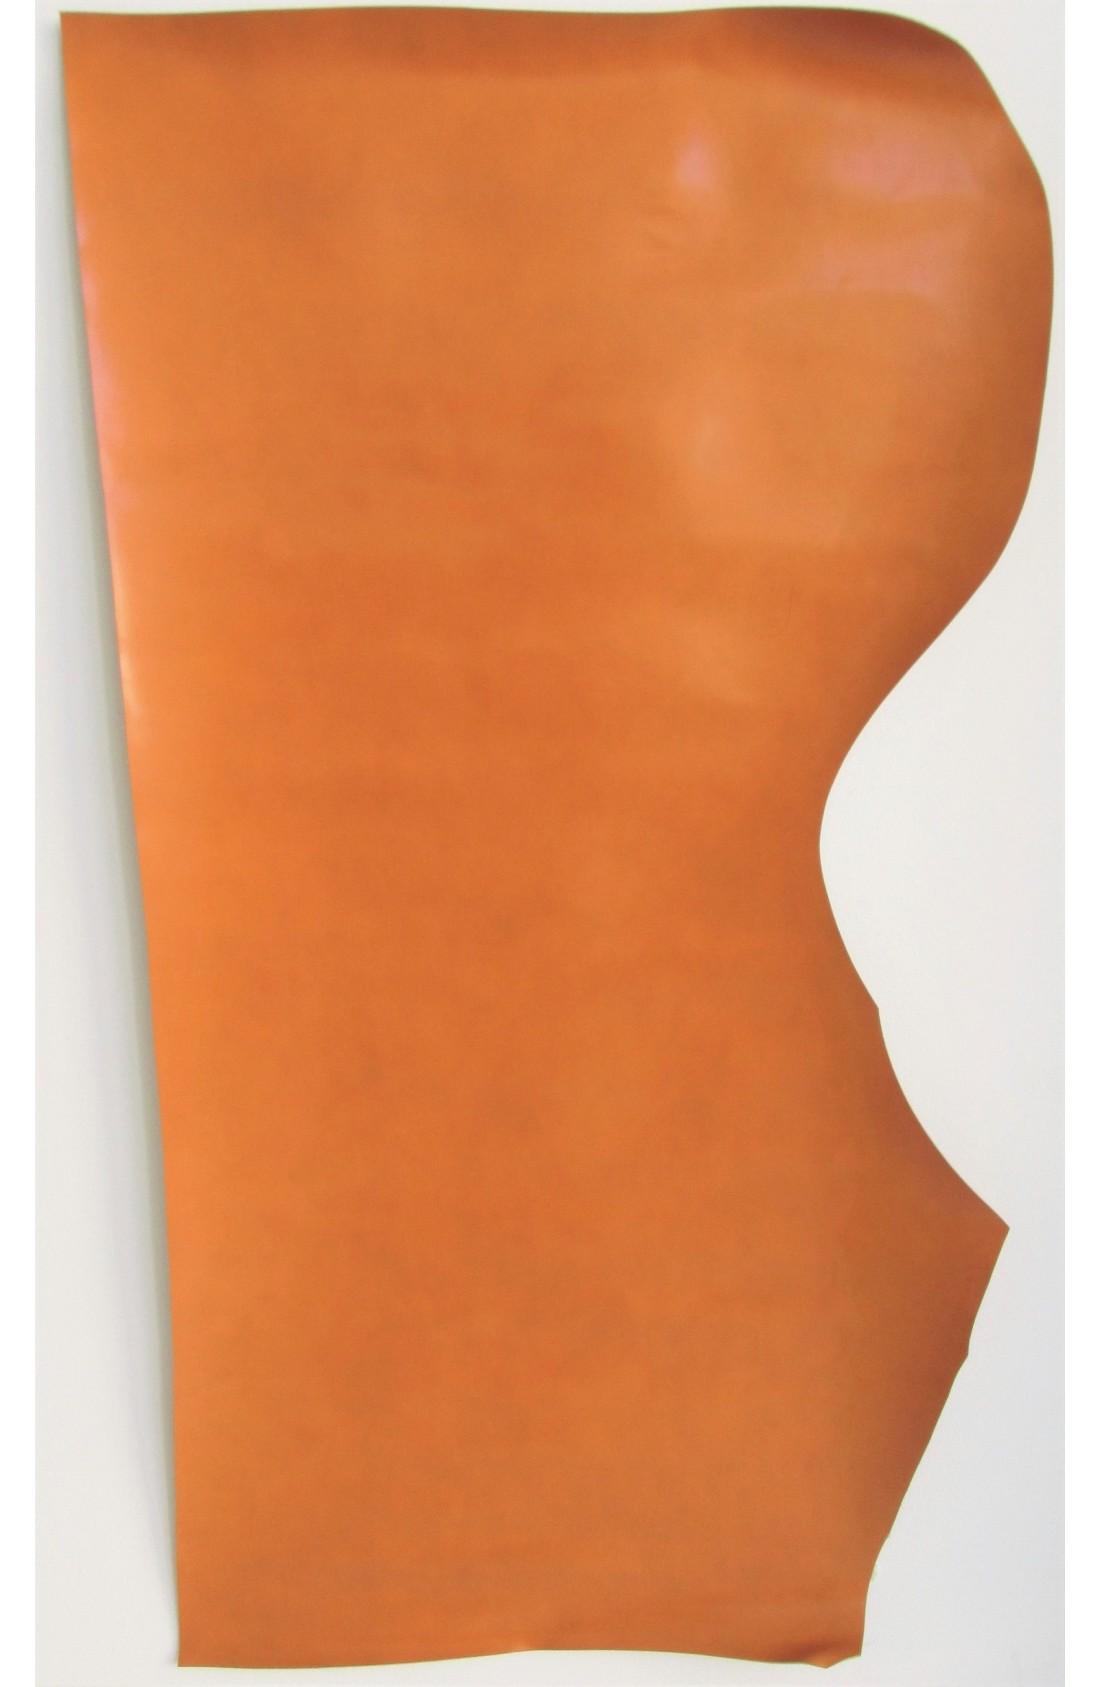 art. 66 LUCIDO SPAZZOLATO var.8 arancione